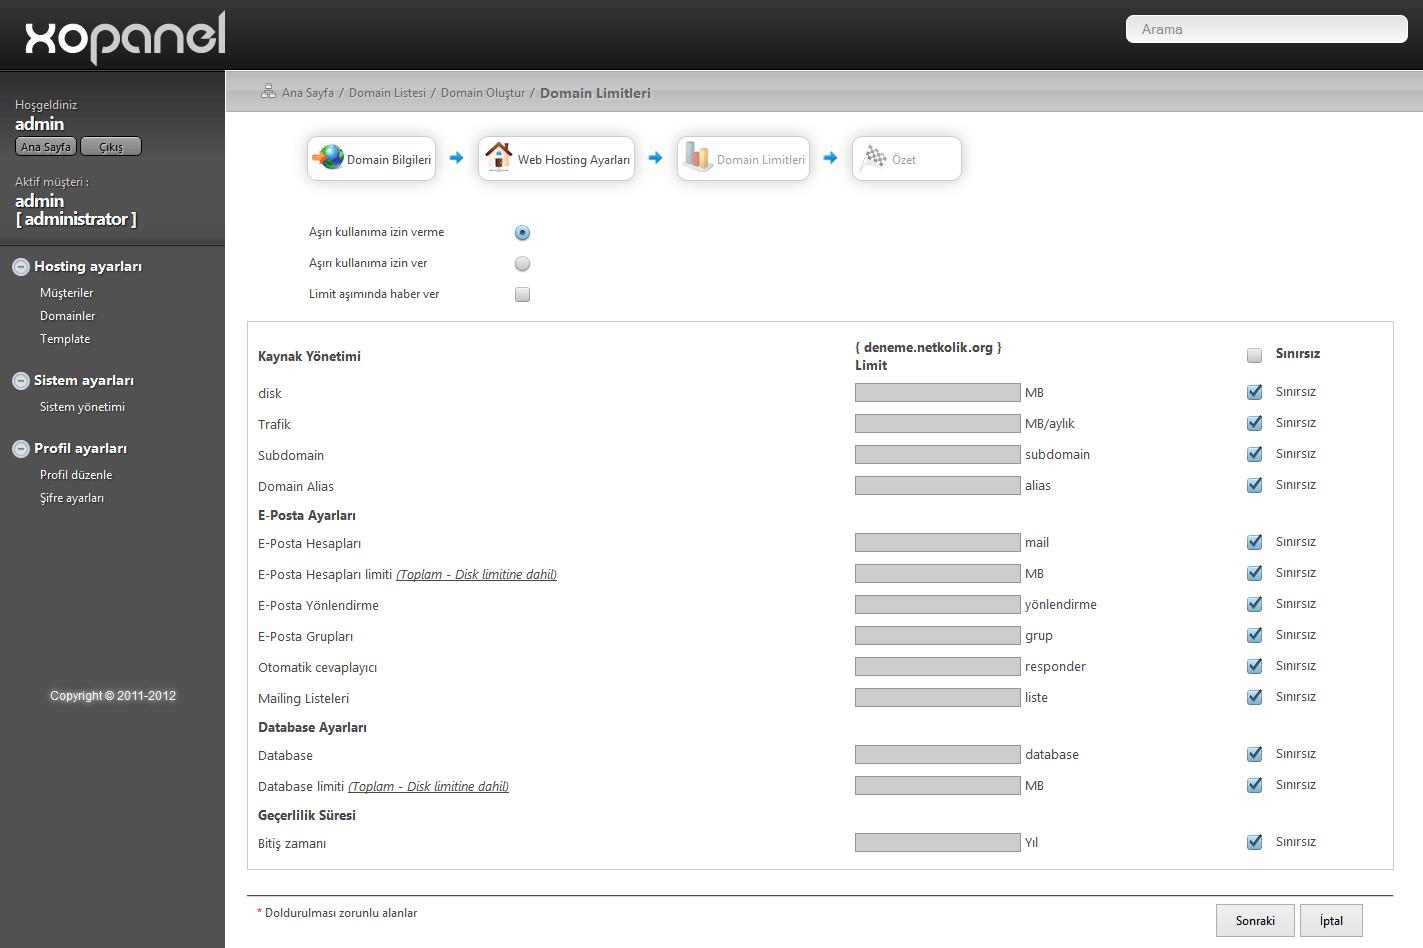 XOPanel Domain Oluşturma Limitler